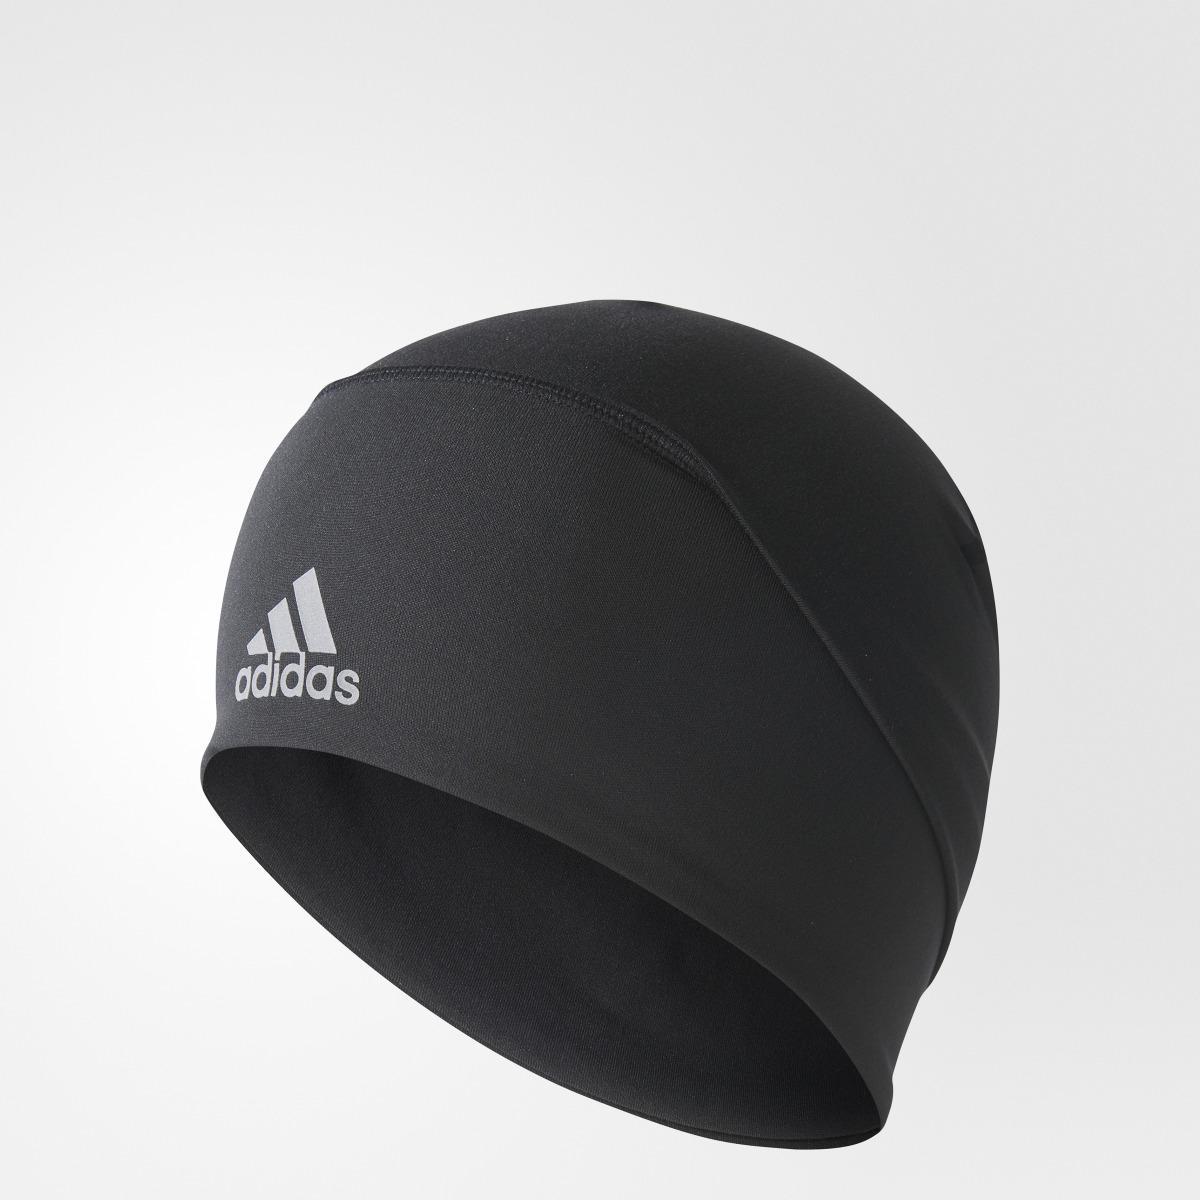 4555b1d8633 Adidas Originals Clmlt B Loose Unisex Training Cap in Black for Men ...